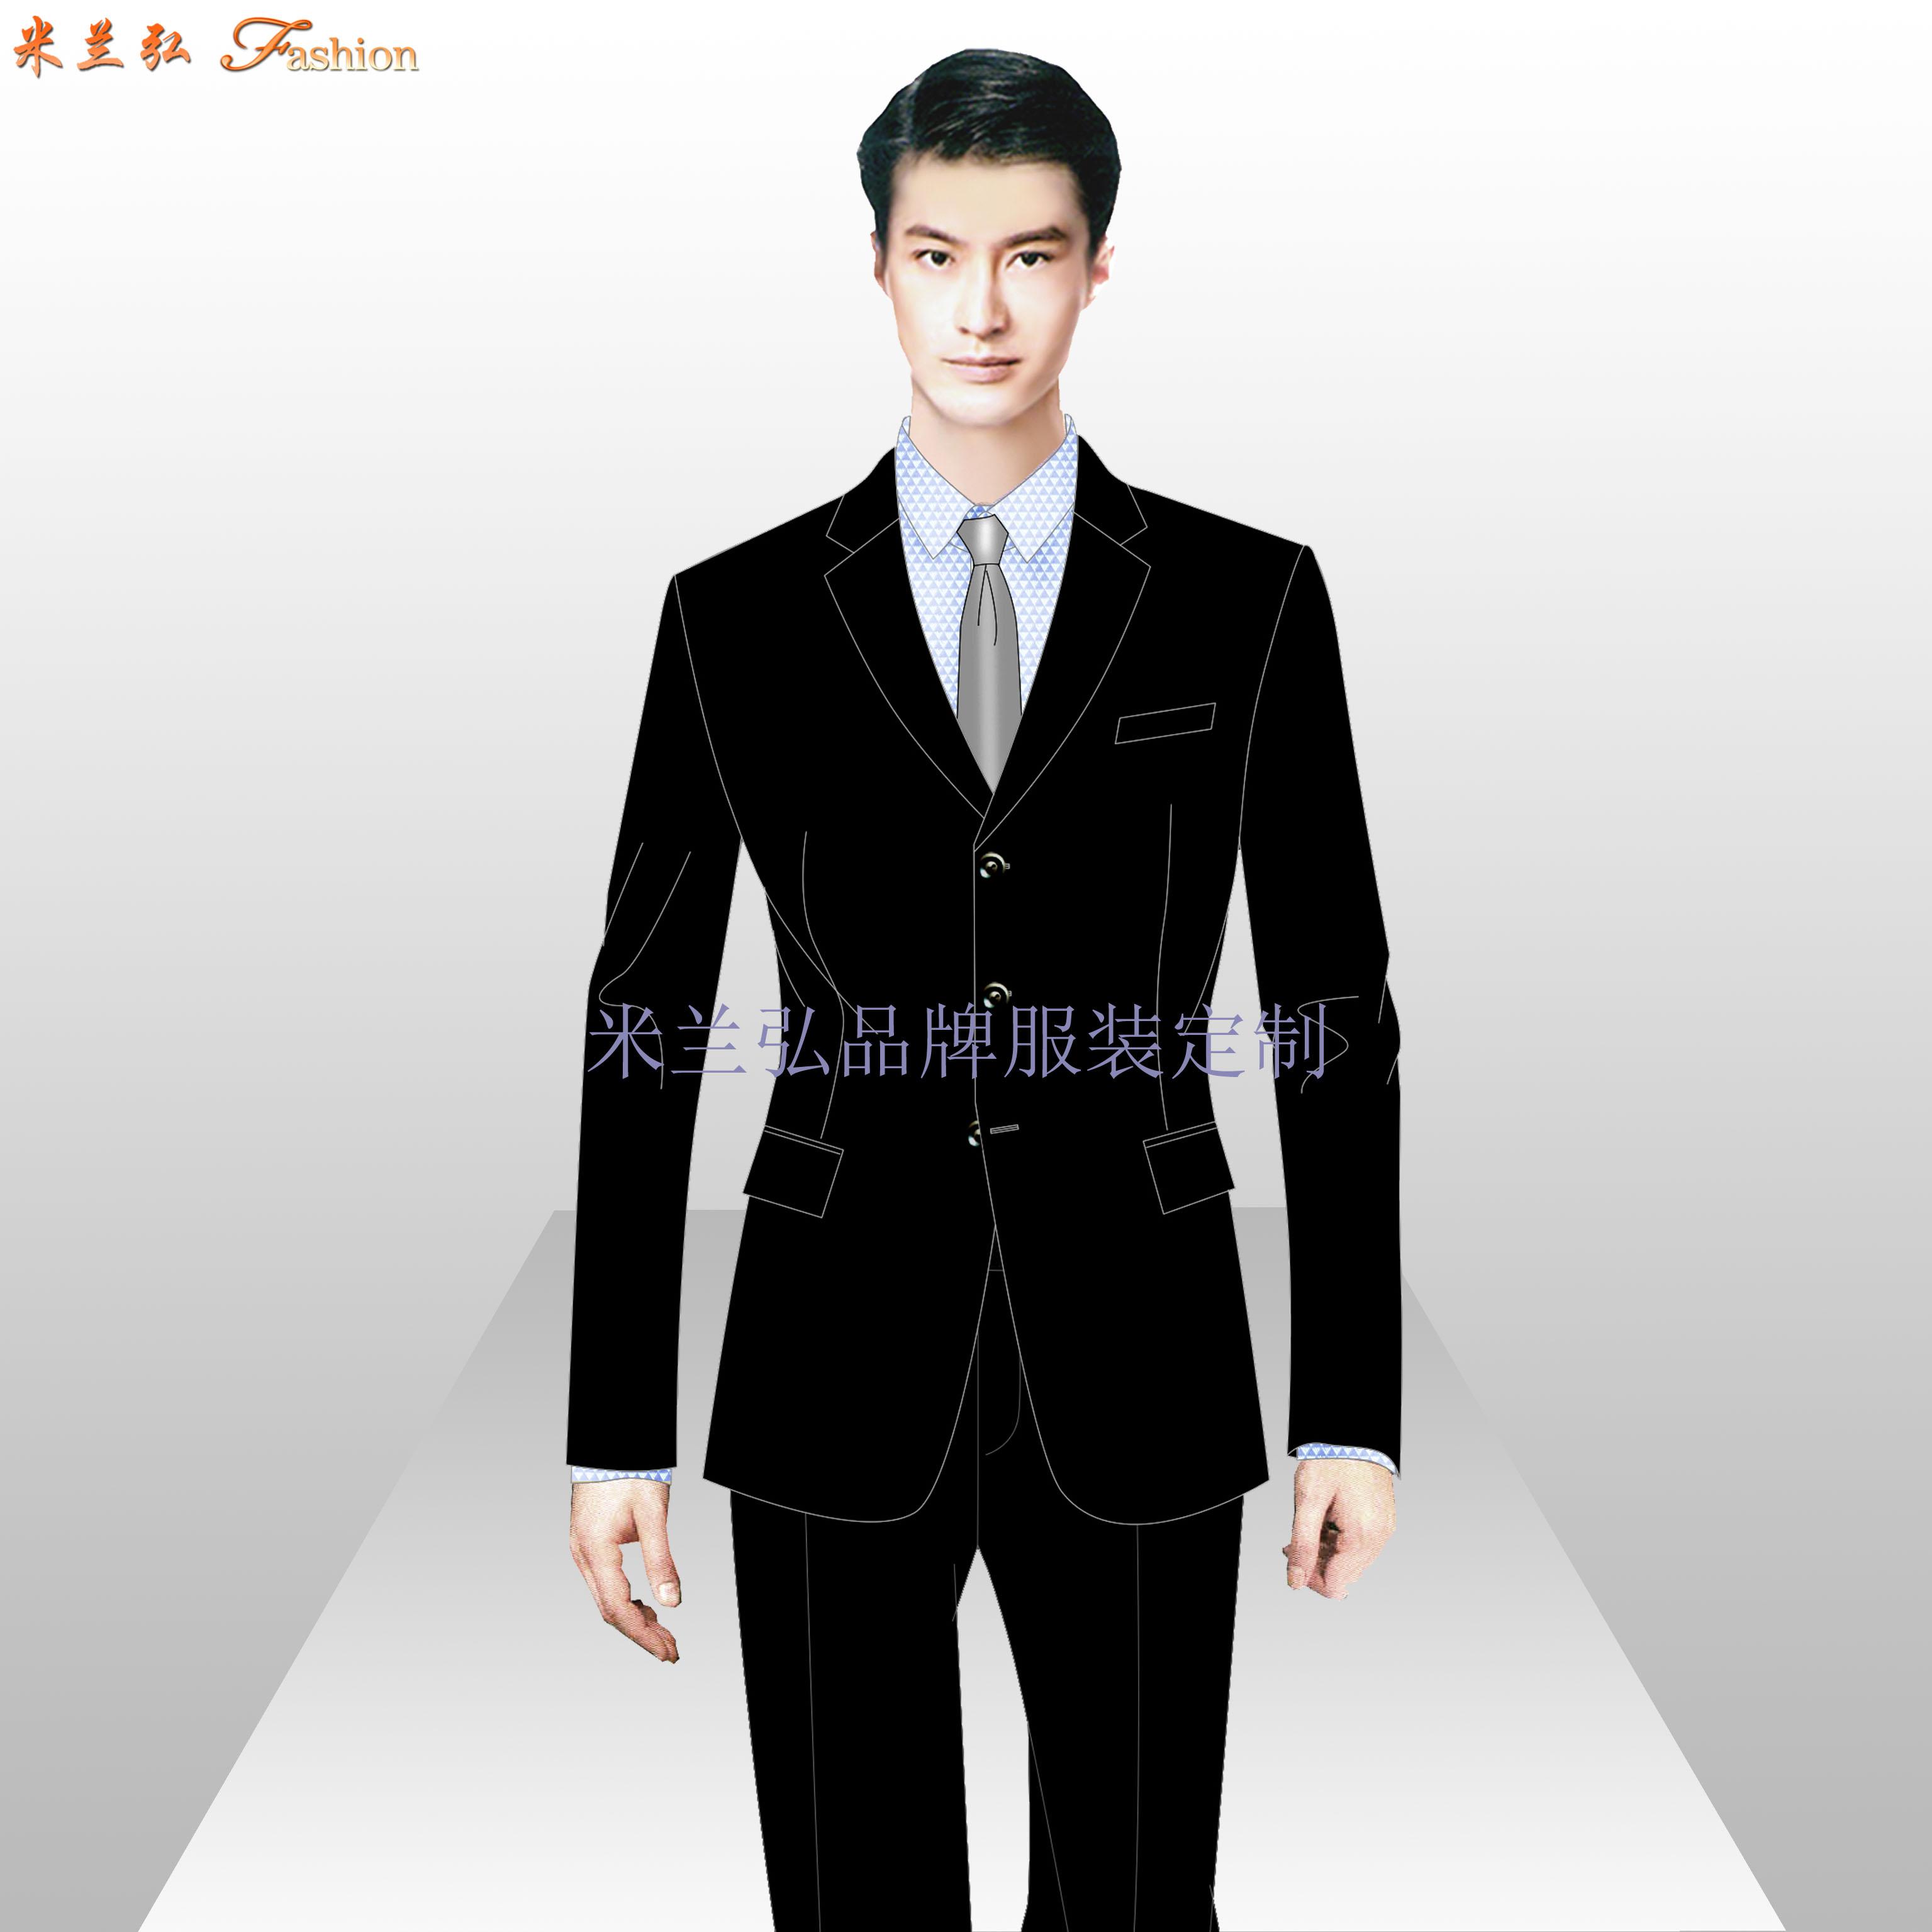 寫字樓物業管家服裝定制-公寓樓物業工作服定做-米蘭弘-3